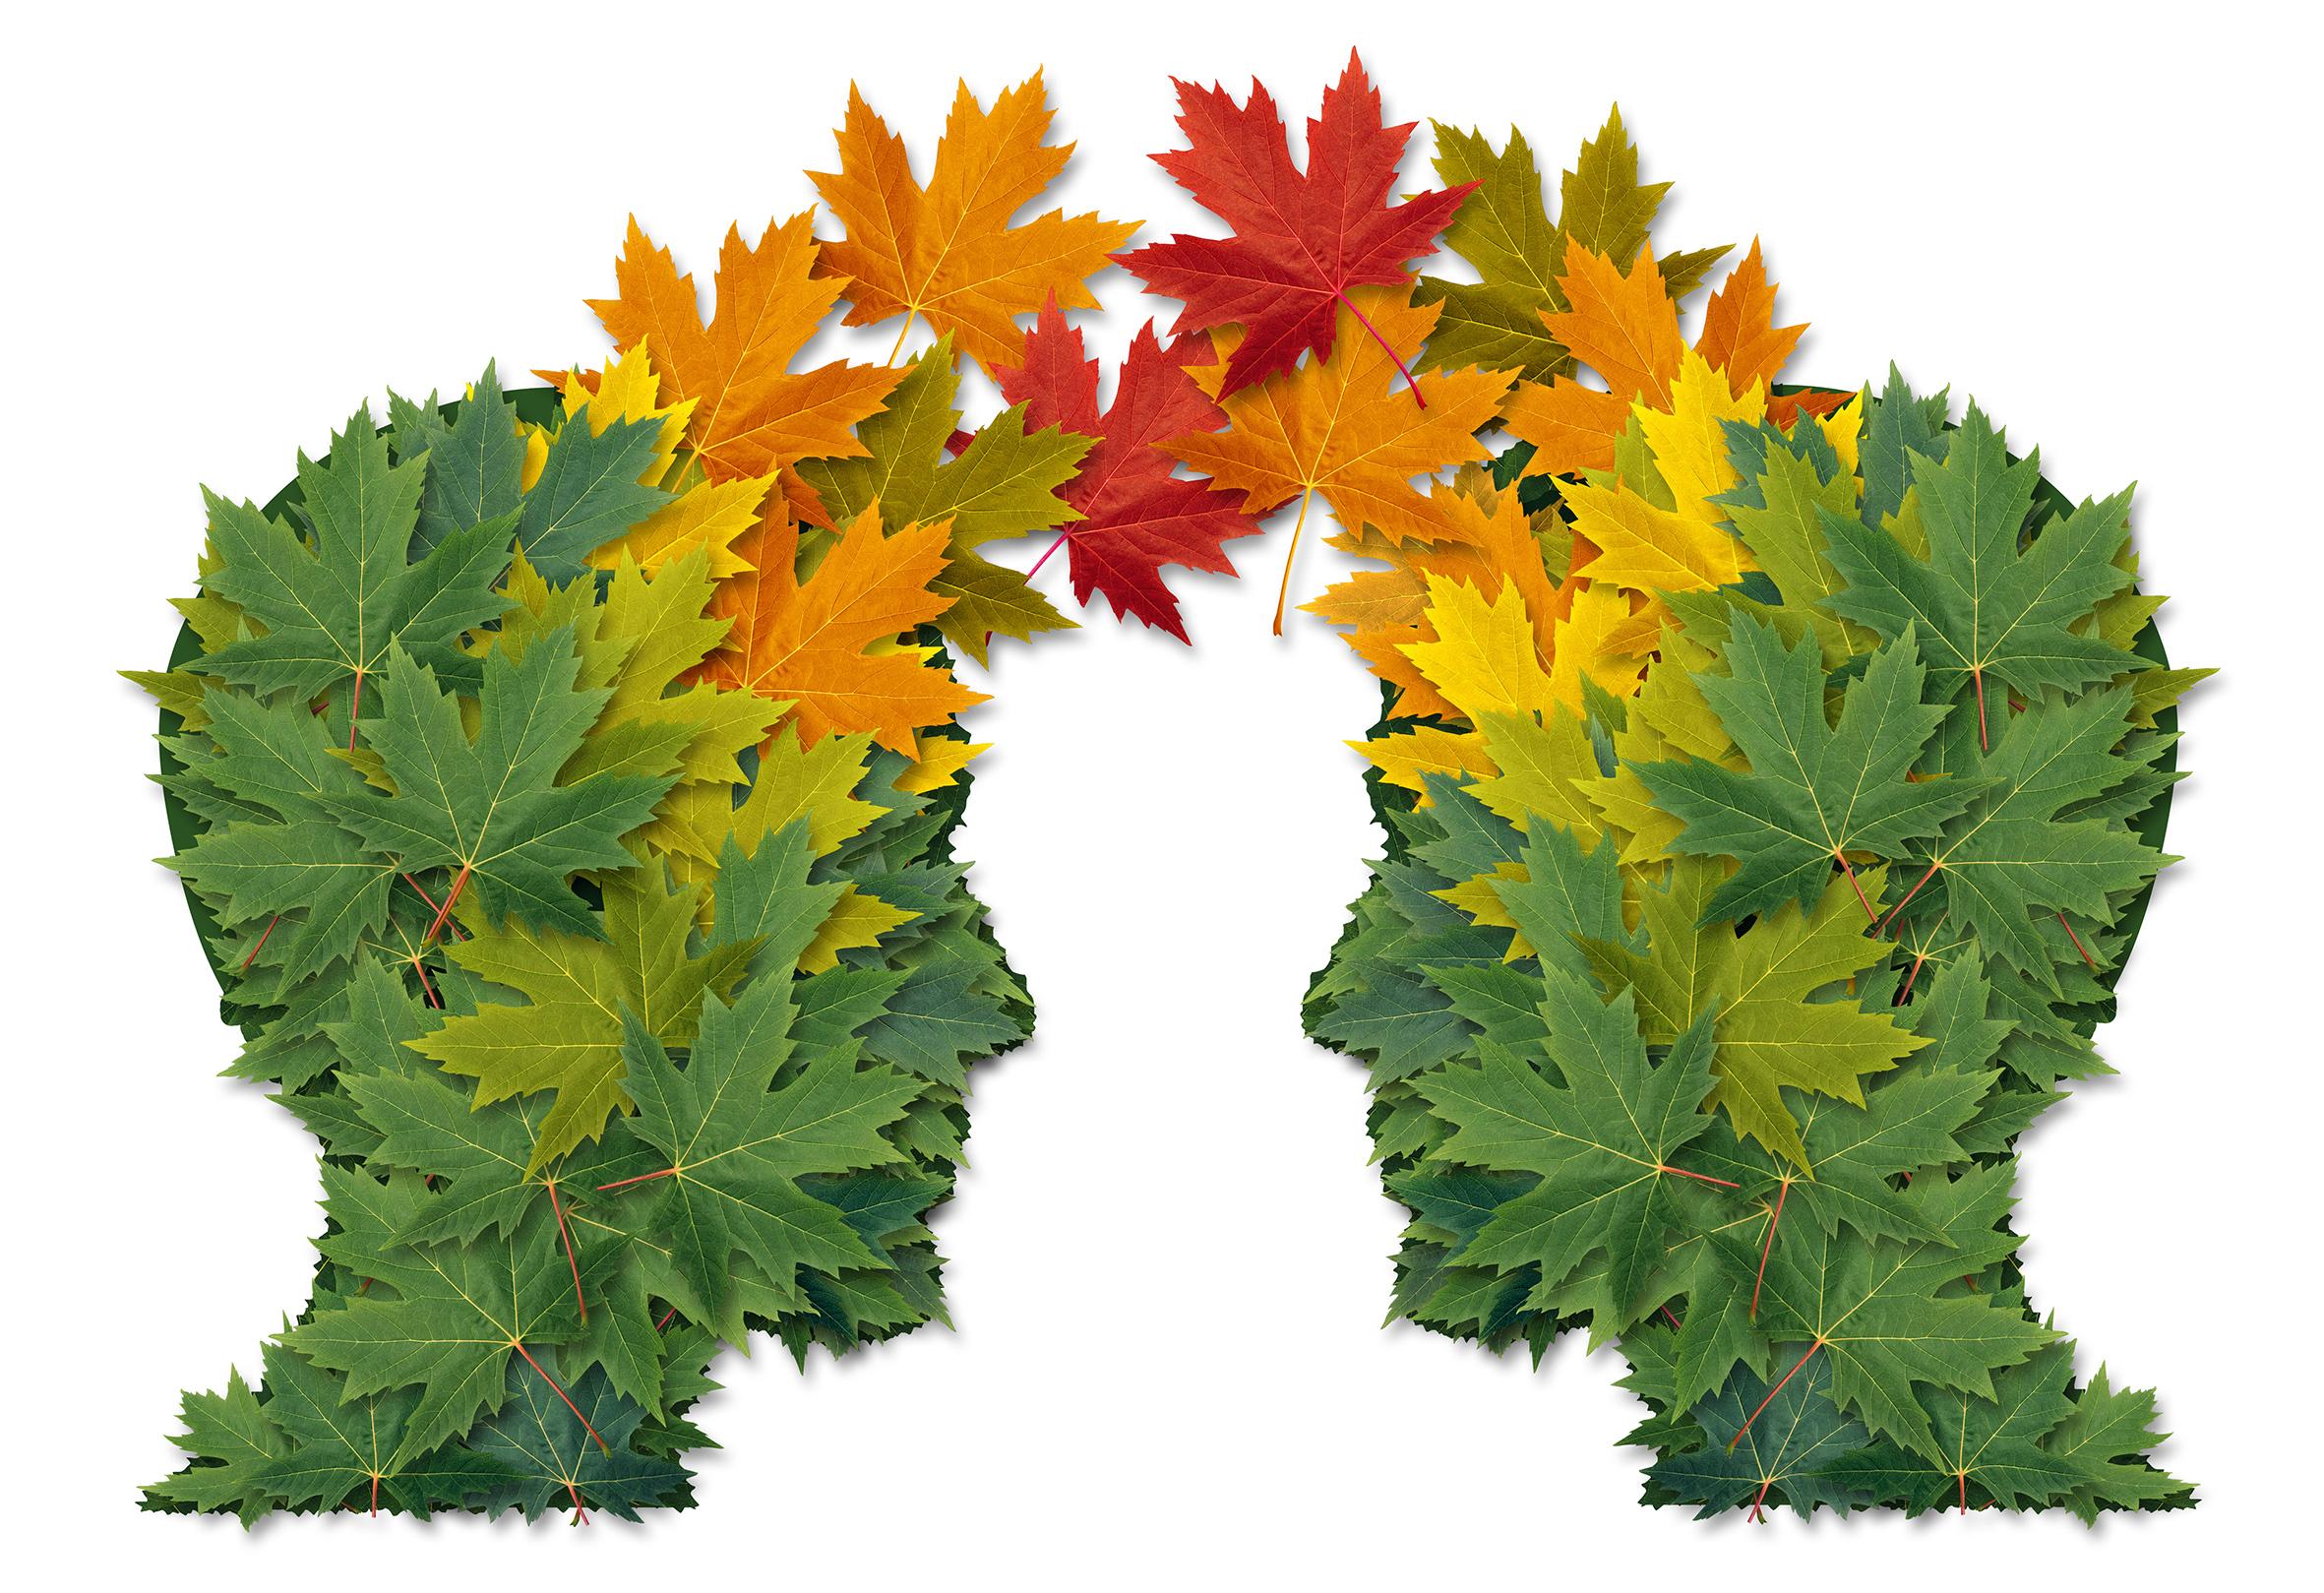 Le déclin cognitif subjectif : Alzheimer ou autre chose ?